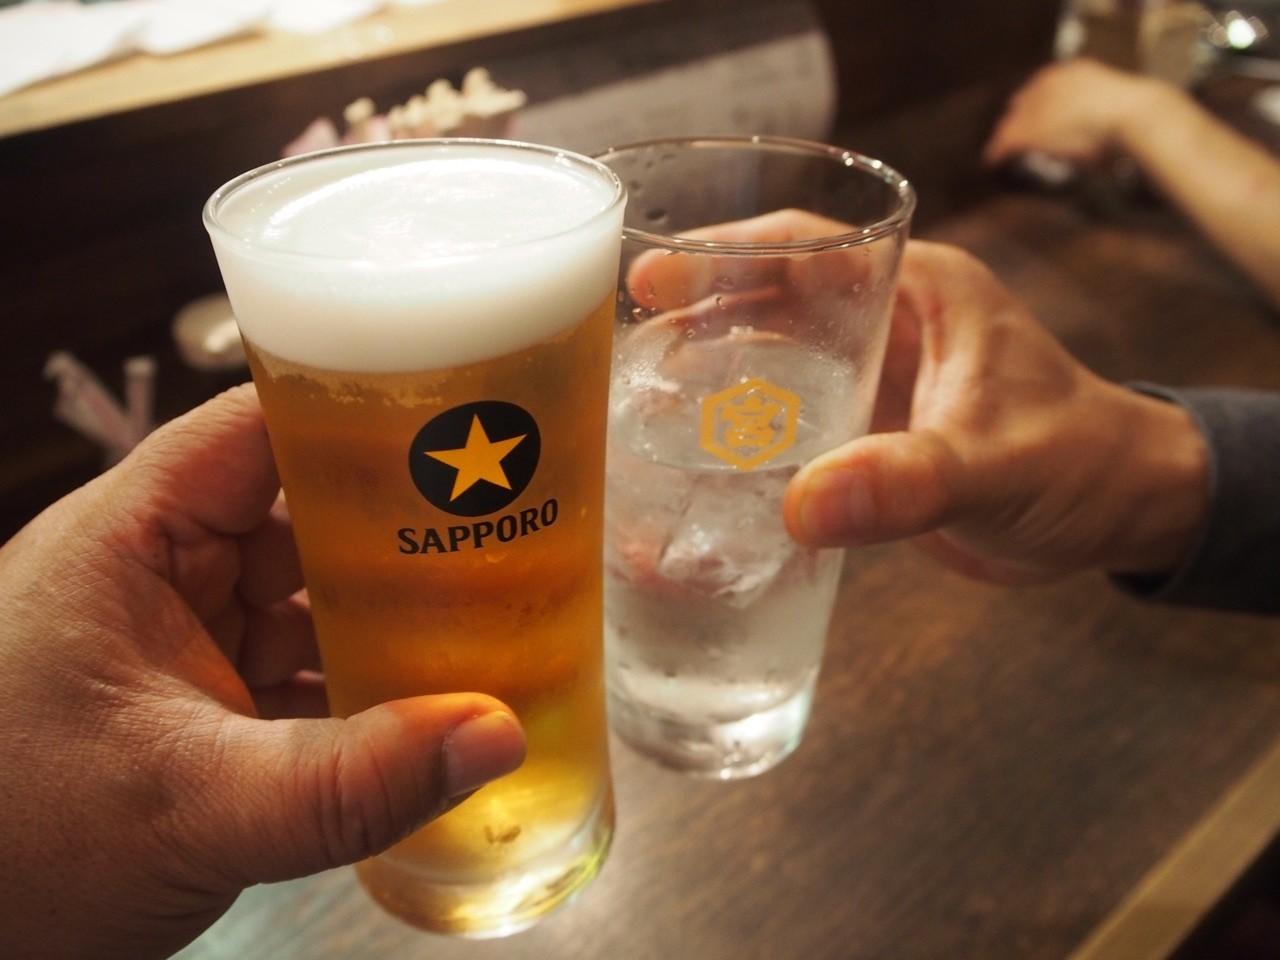 大阪居酒屋Nanchat亭的eri生啤酒